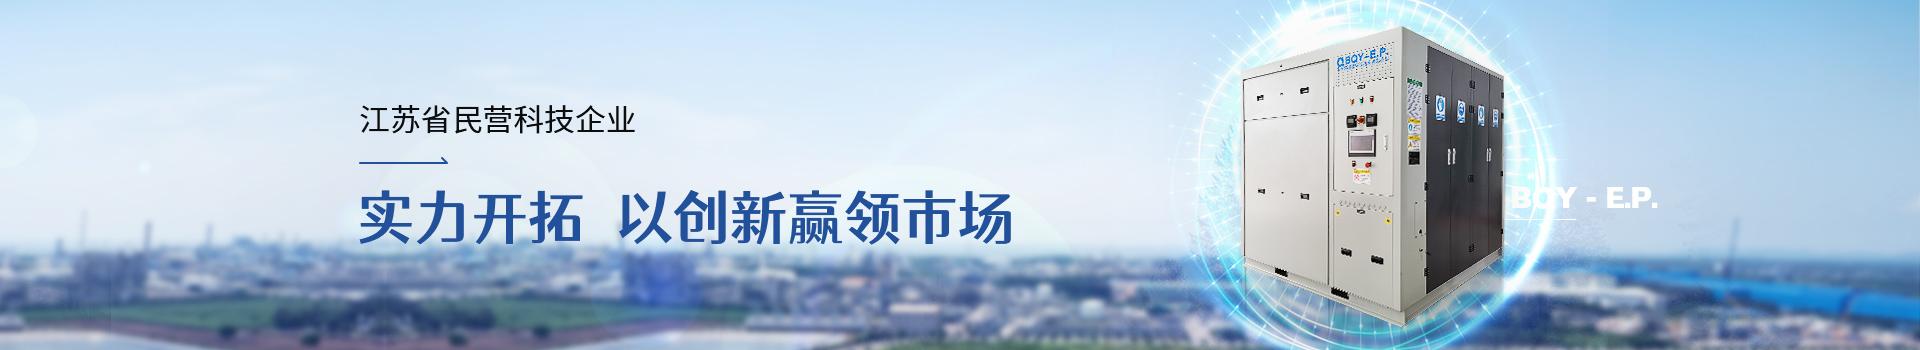 碧清源环保江苏省民意科技企业